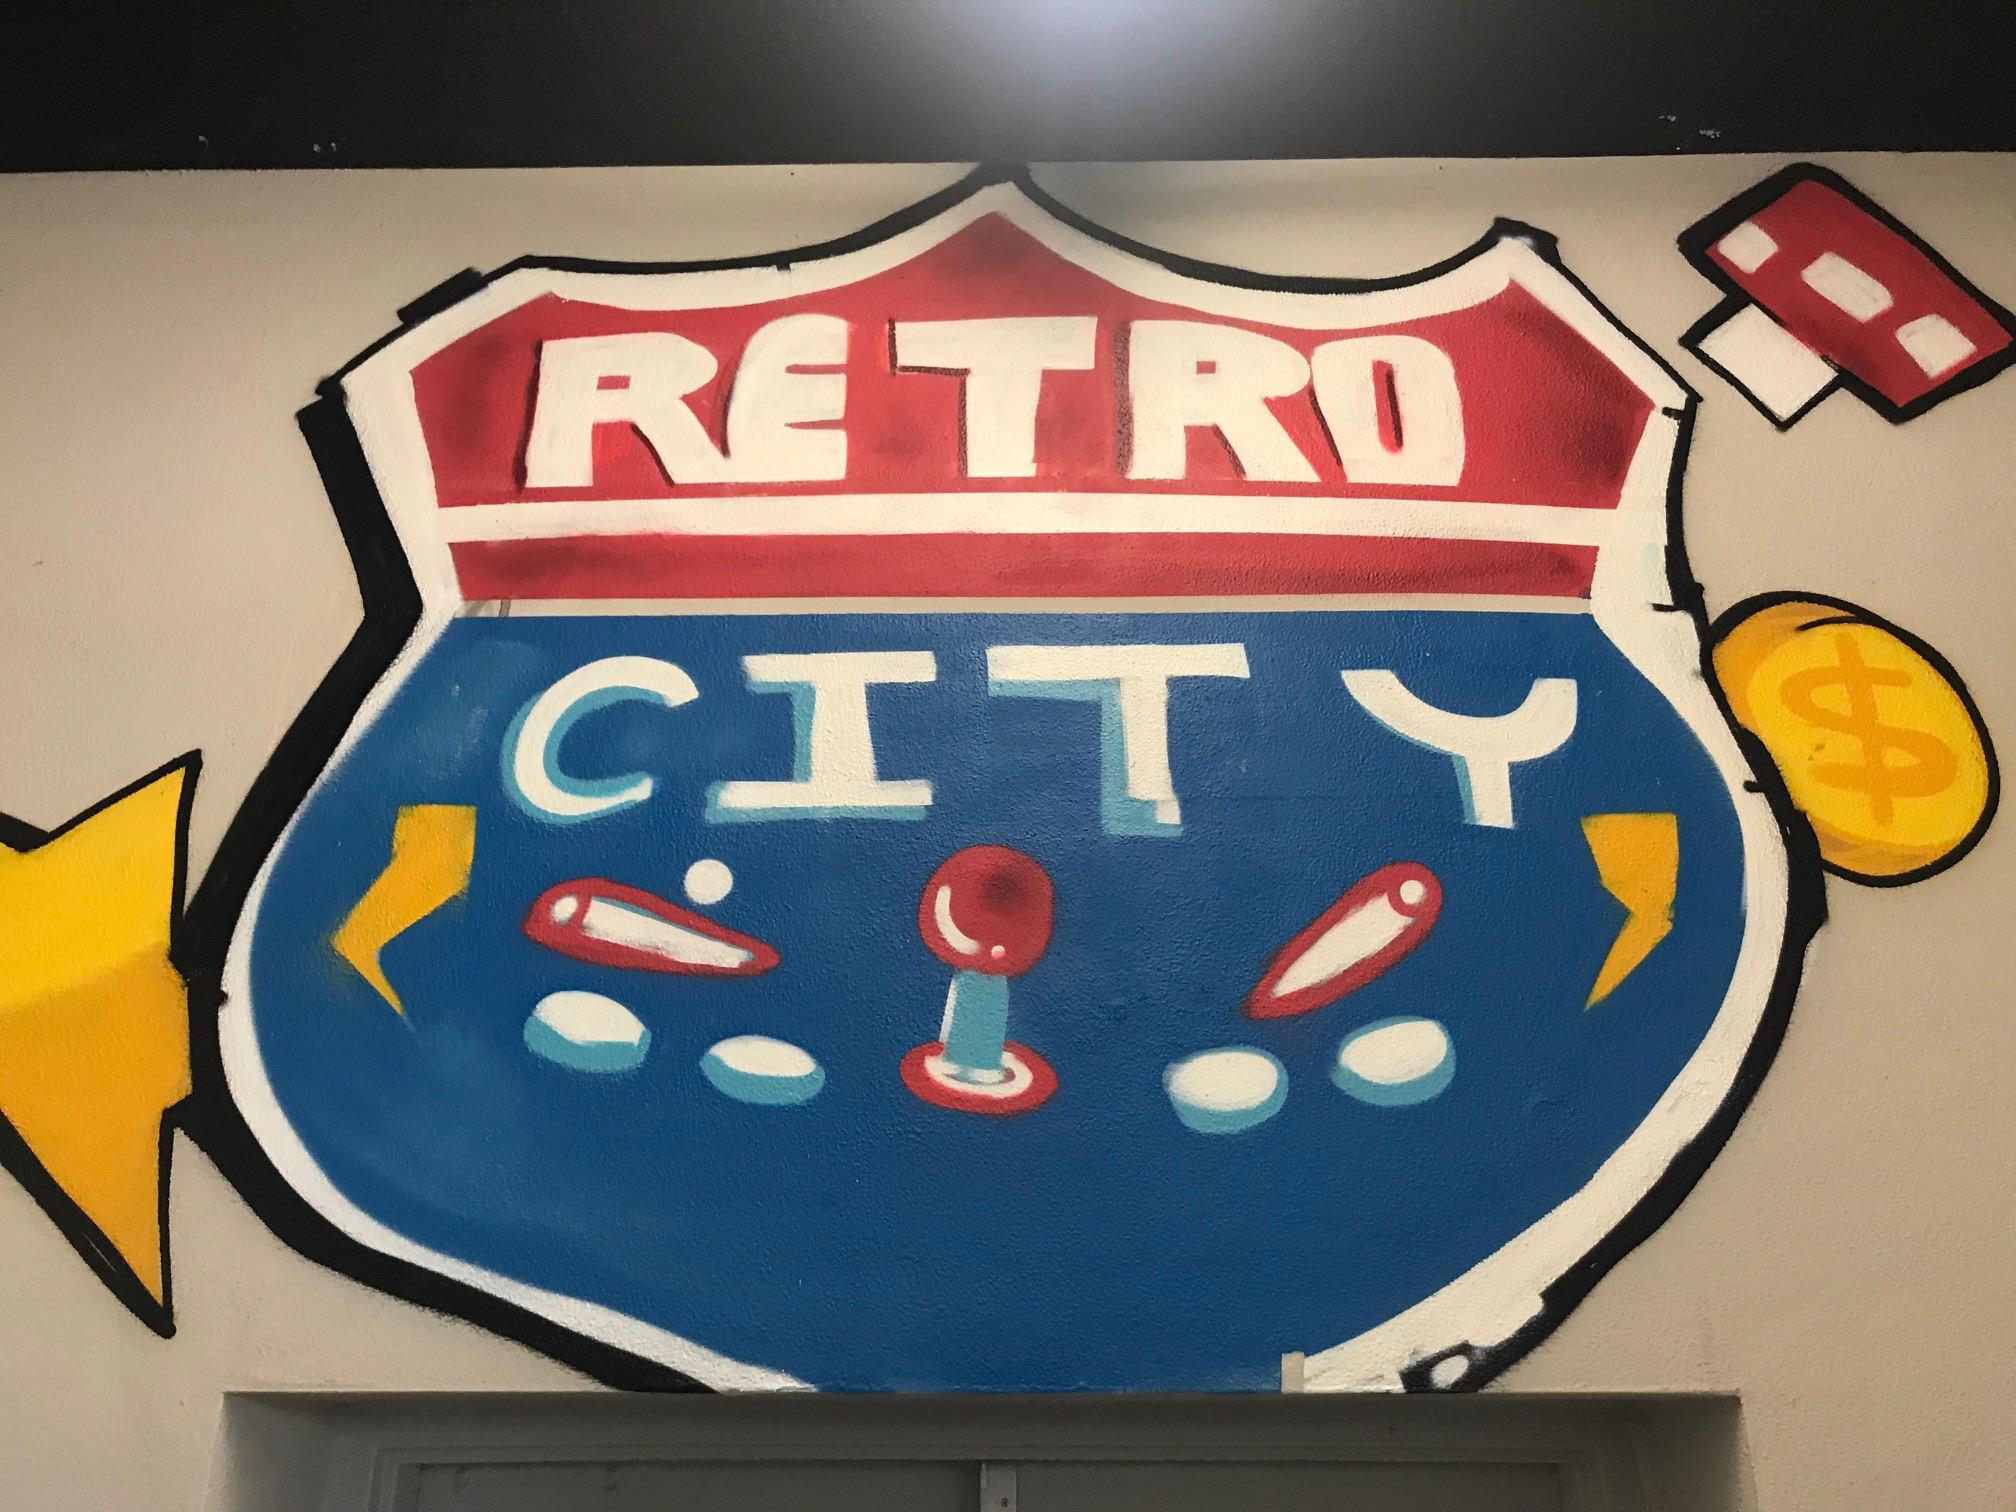 Vintage Arcade Fun at the Fair!